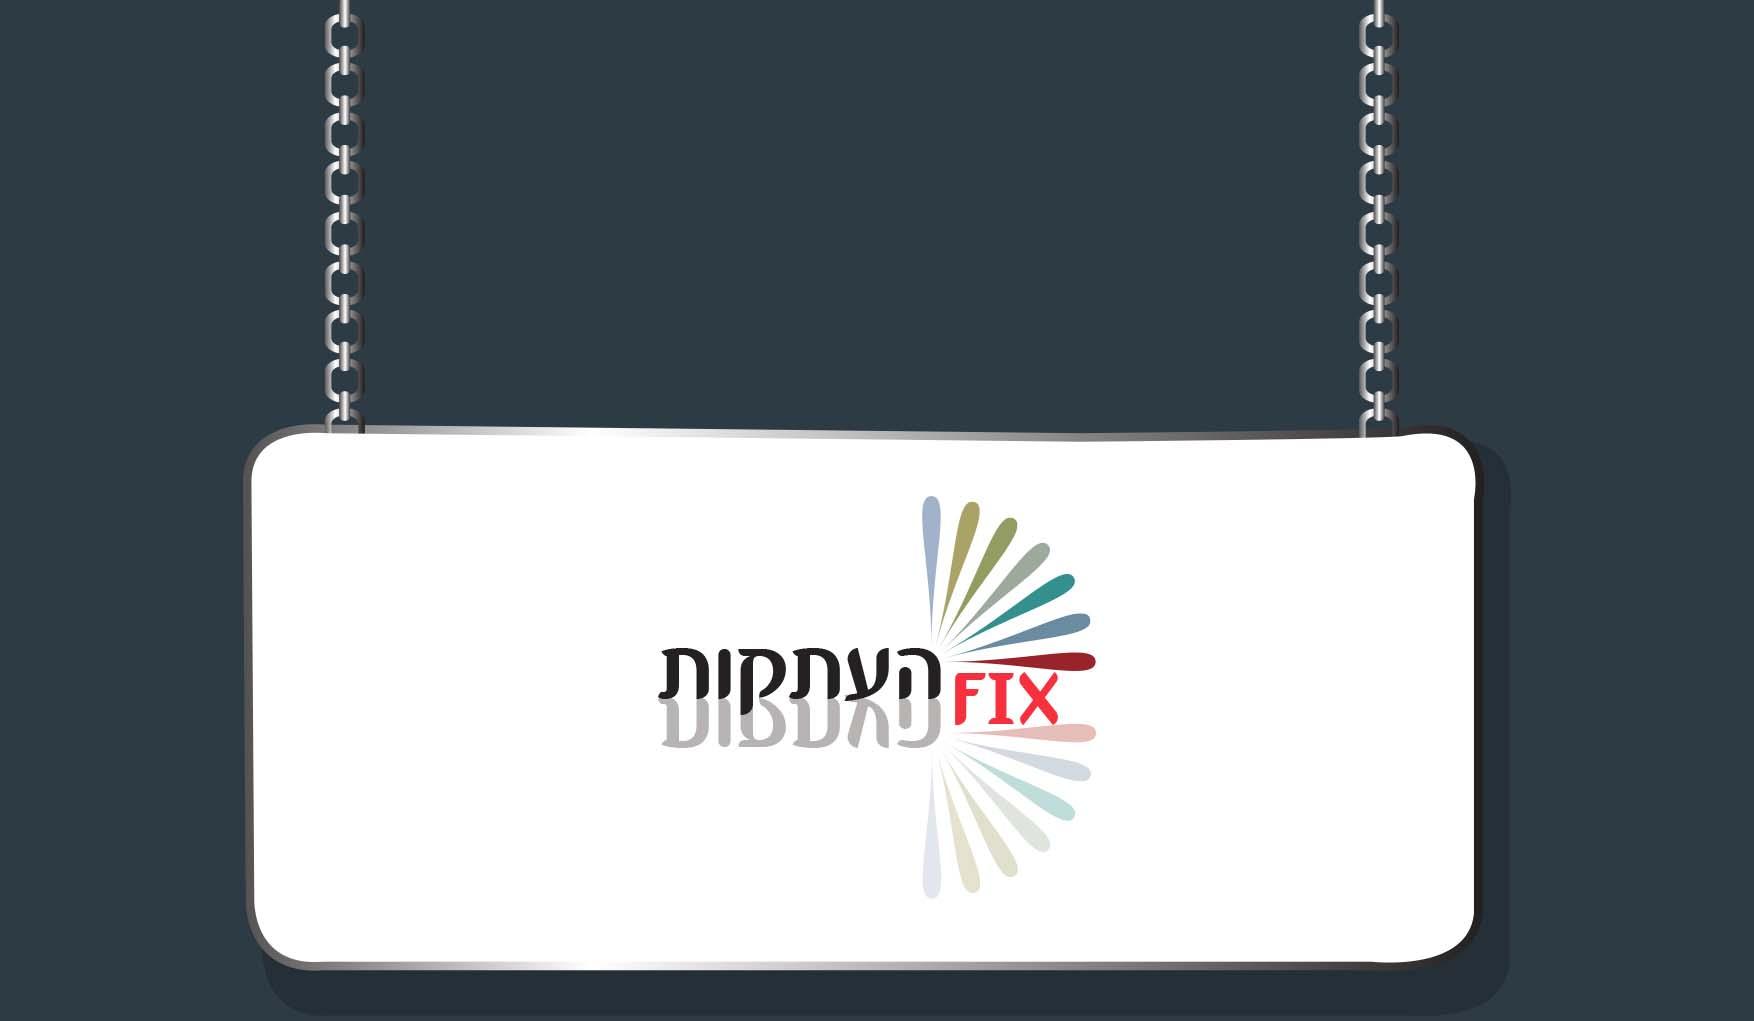 עיצוב גרפי בתל אביב דרושים עיצוב גרפי